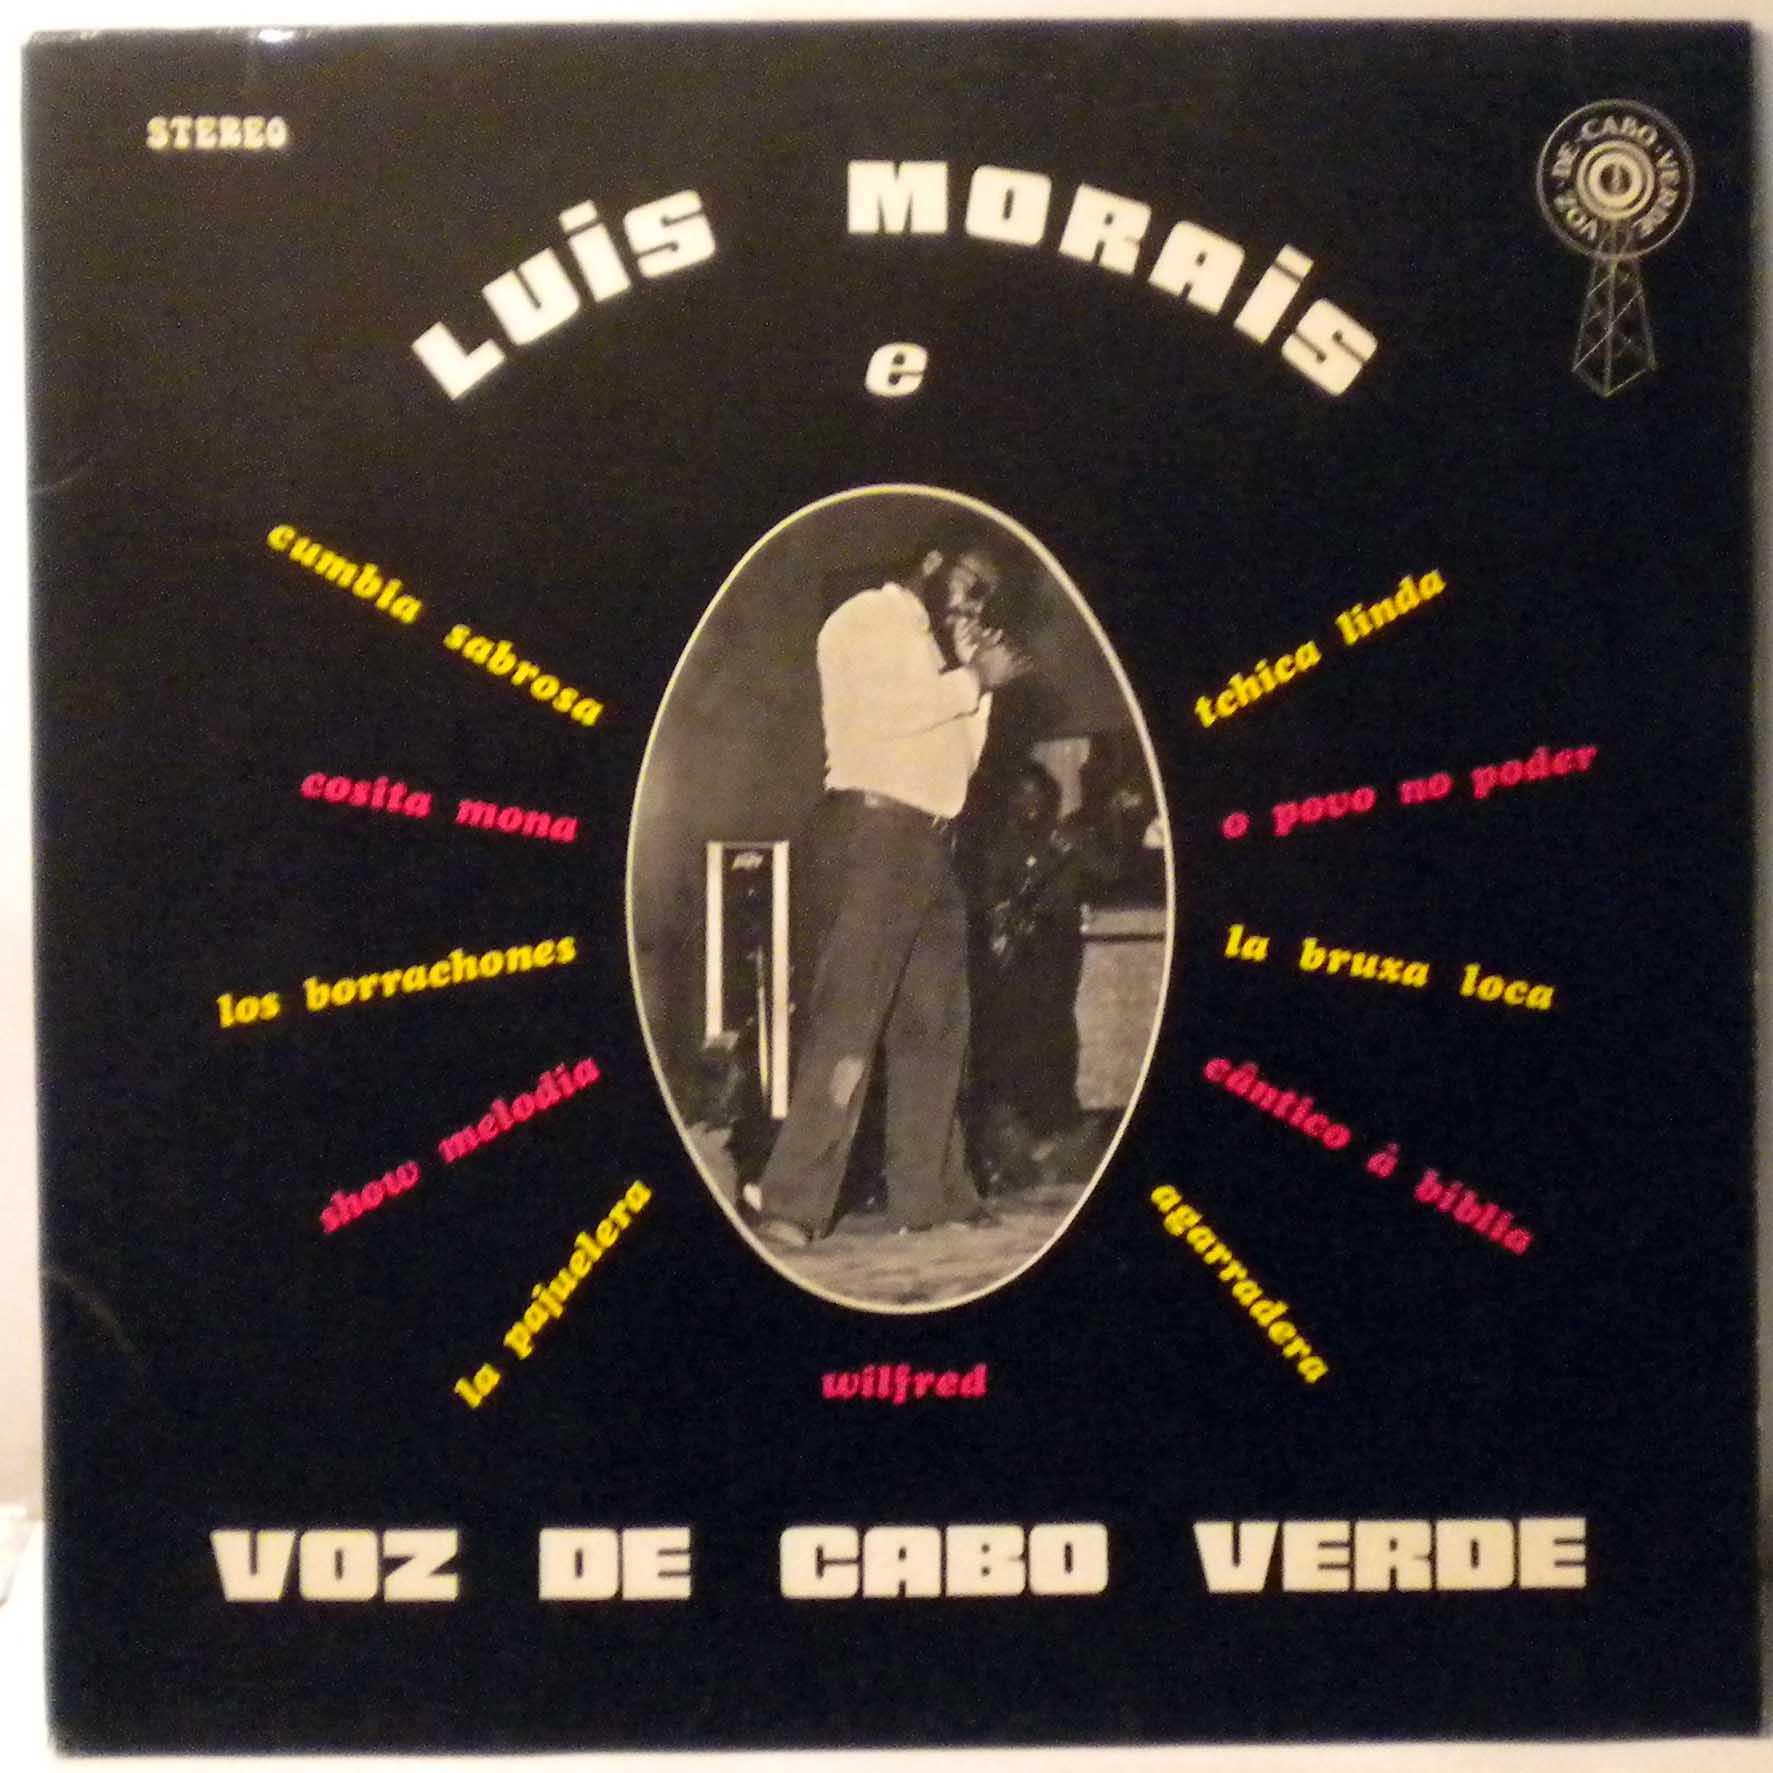 LUIS MORAIS E VOZ DE CABO VERDE - Same - LP